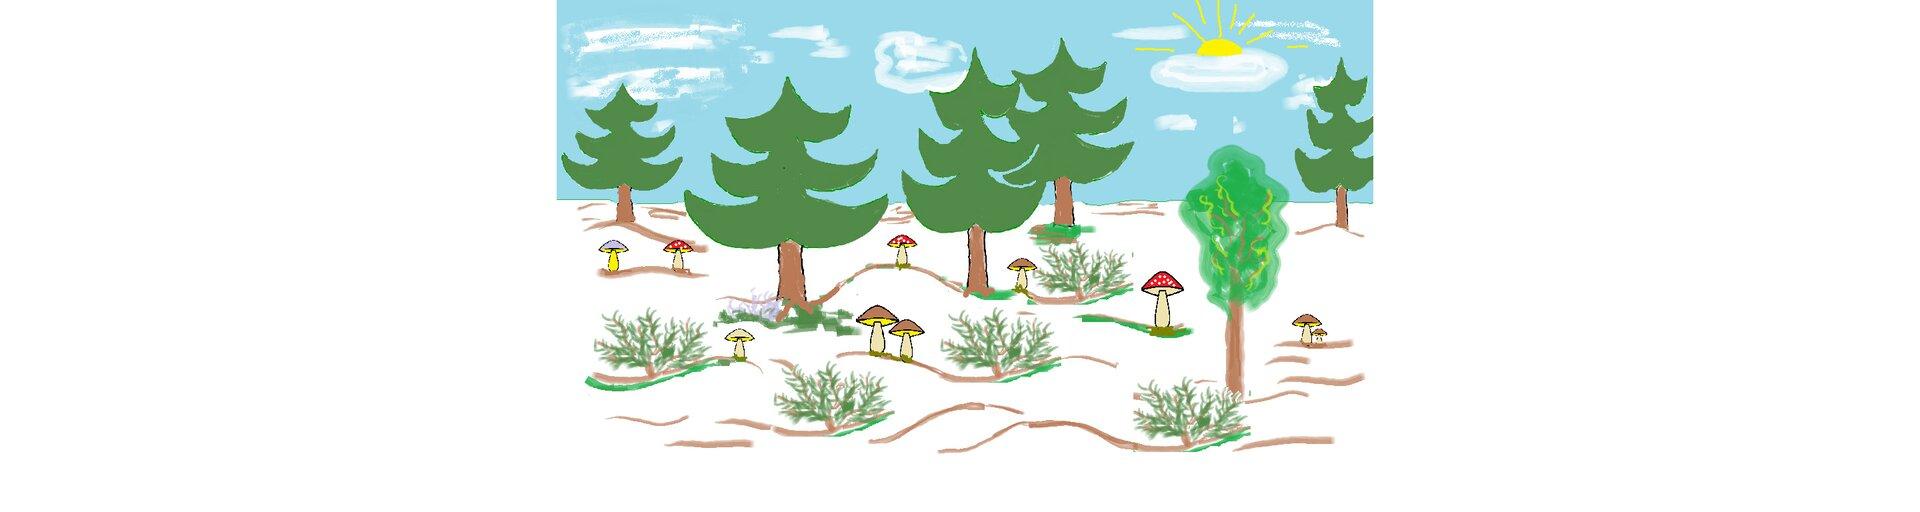 Ilustracja przedstawiająca las zgrzybami